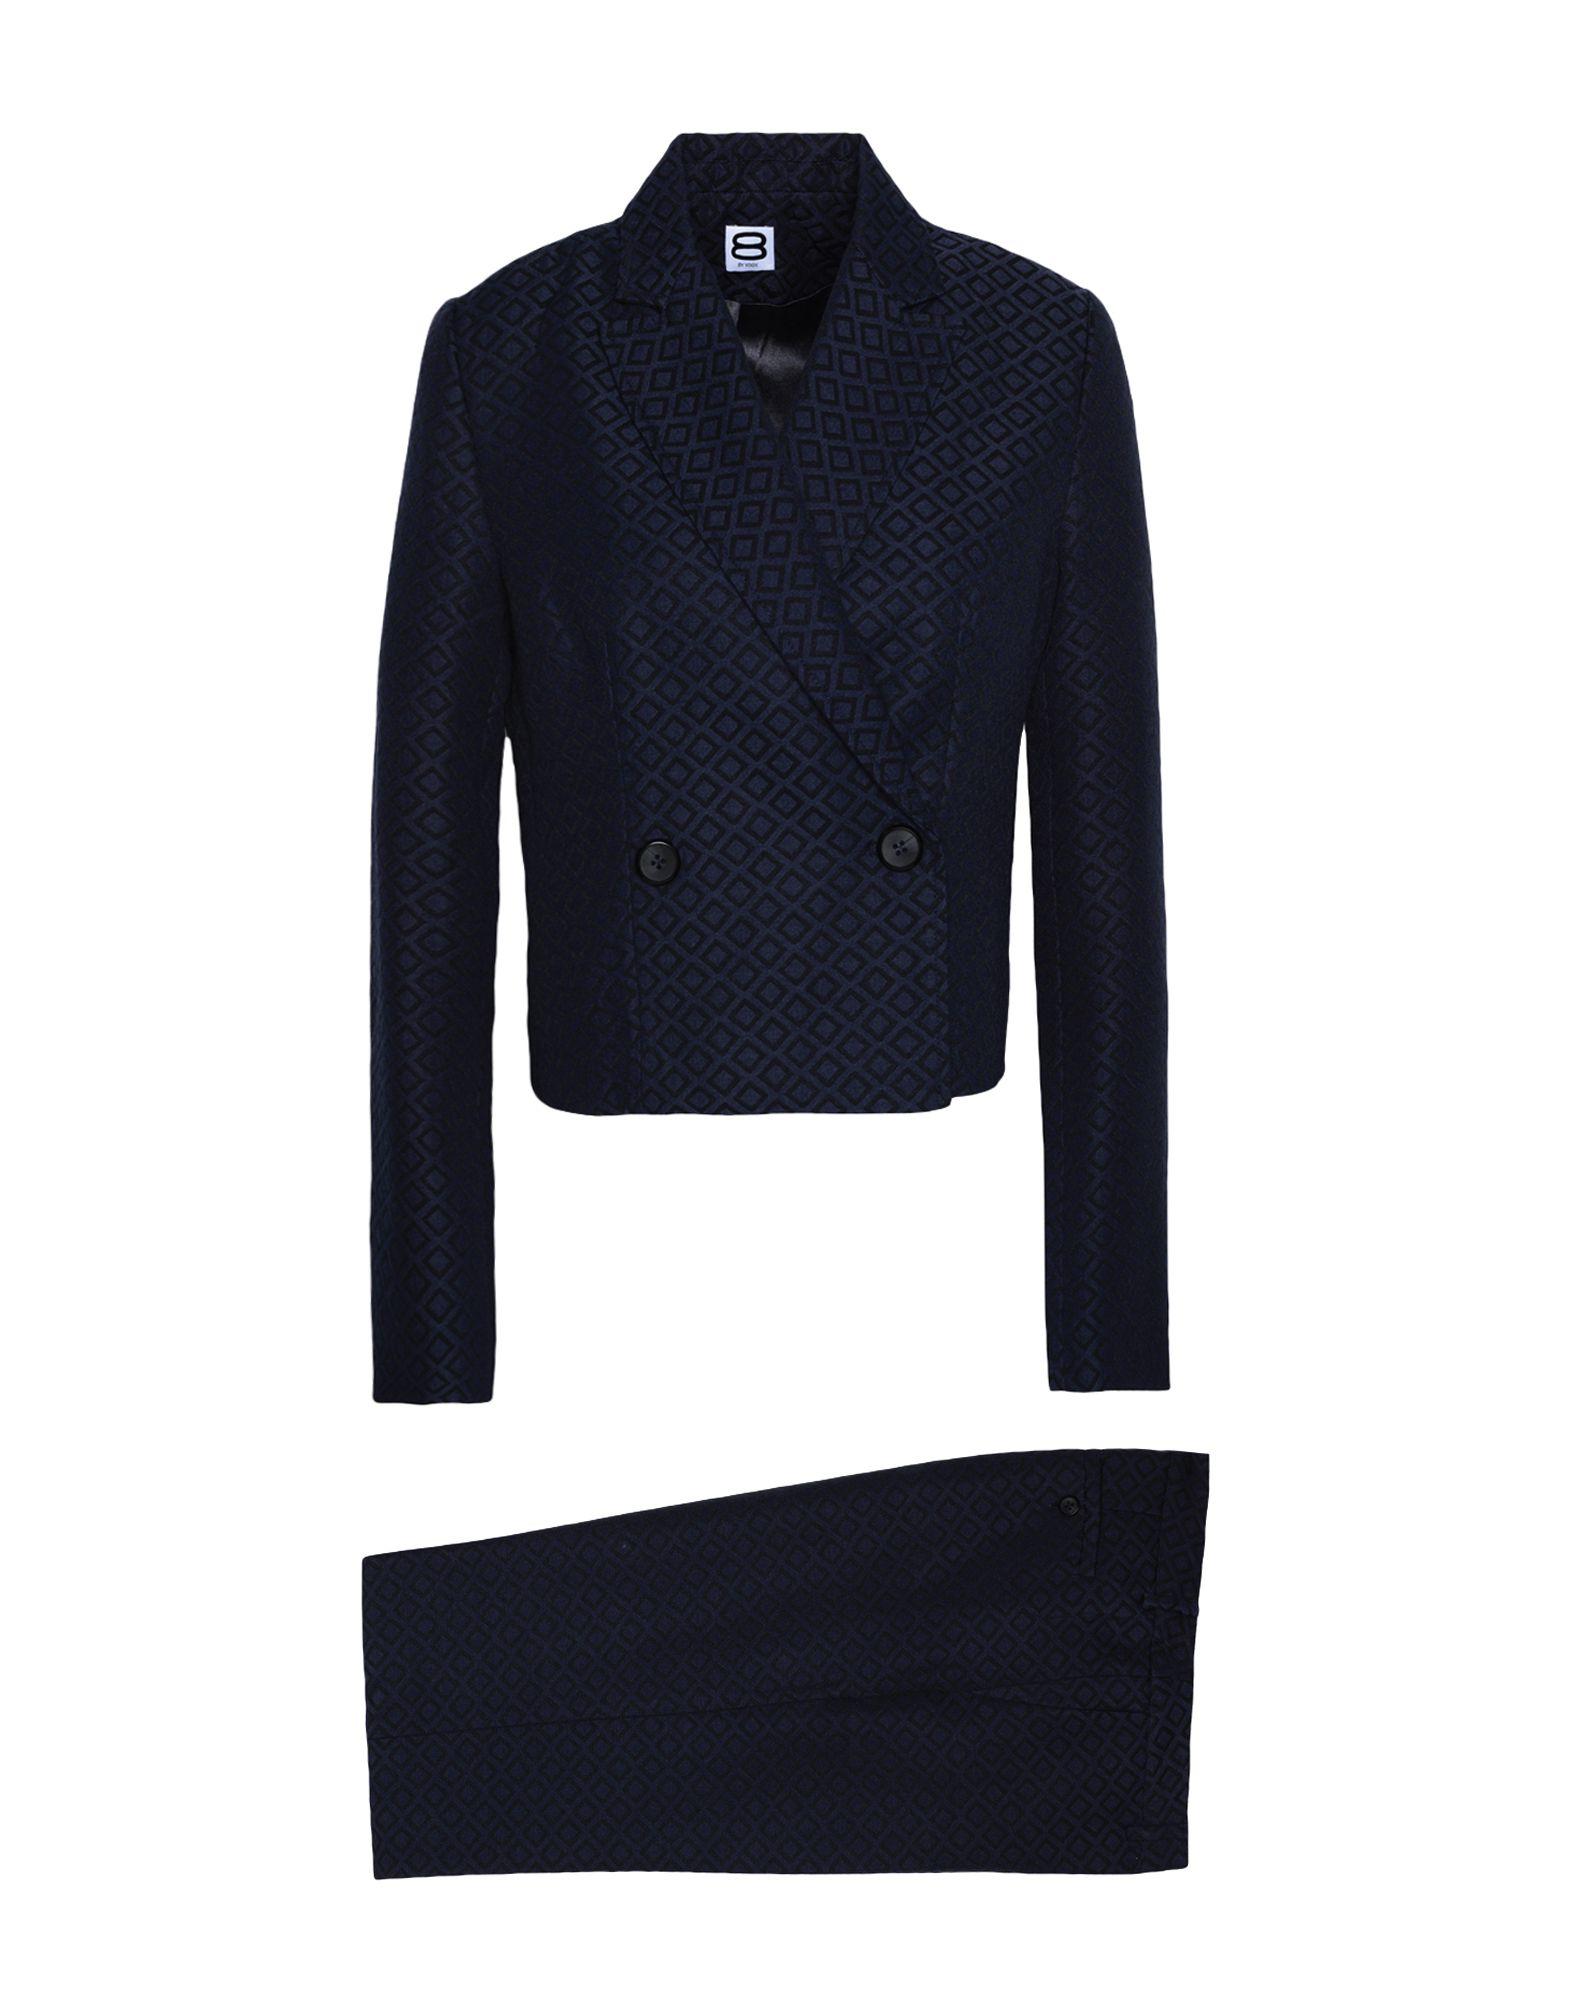 8 by YOOX Классический костюм недорго, оригинальная цена